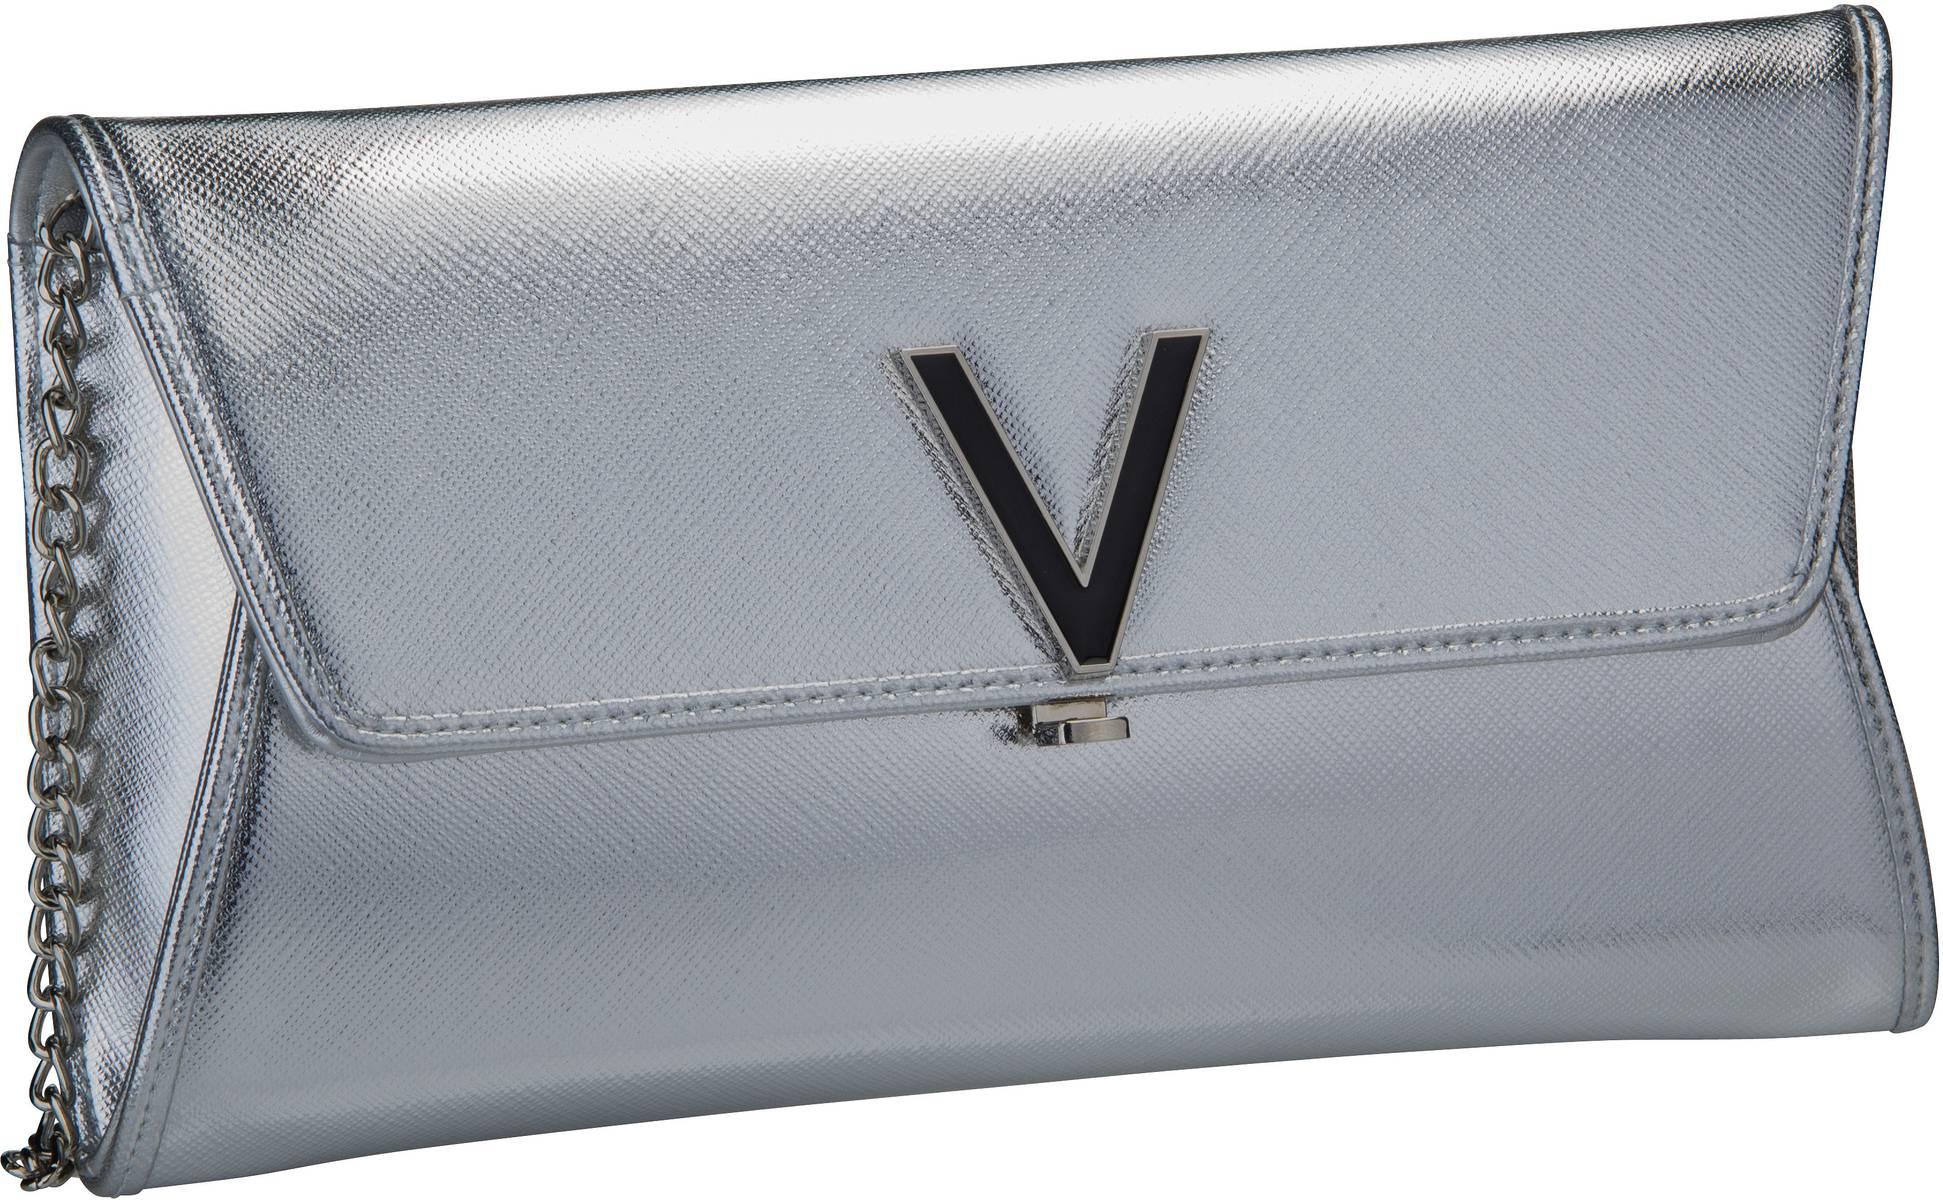 Clutches - Valentino Bags Abendtasche Clutch Flash Pochette J01 Argento  - Onlineshop Taschenkaufhaus